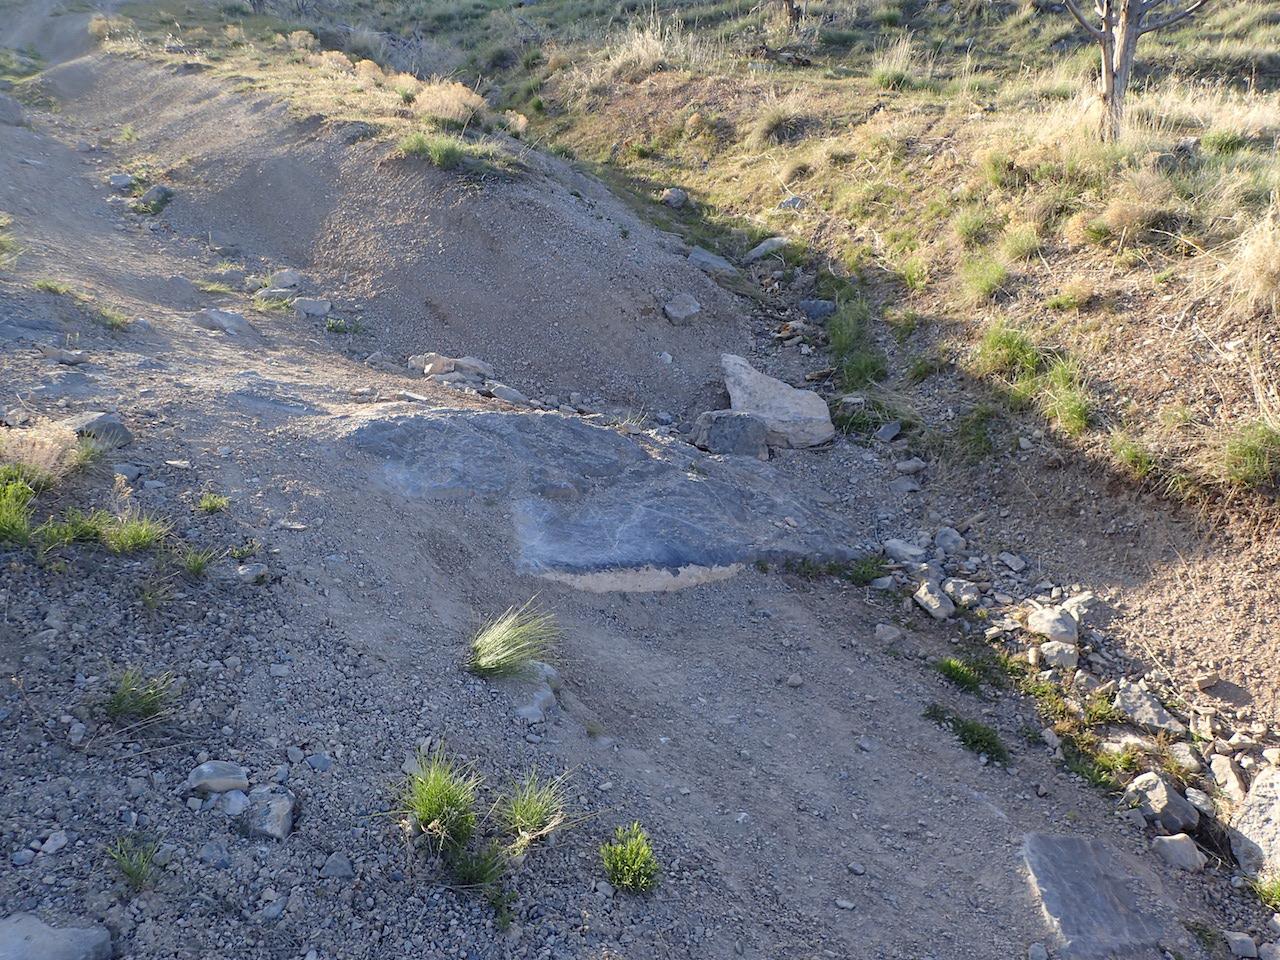 Sidewinder Exit - Waypoint 2: Rock in Wash